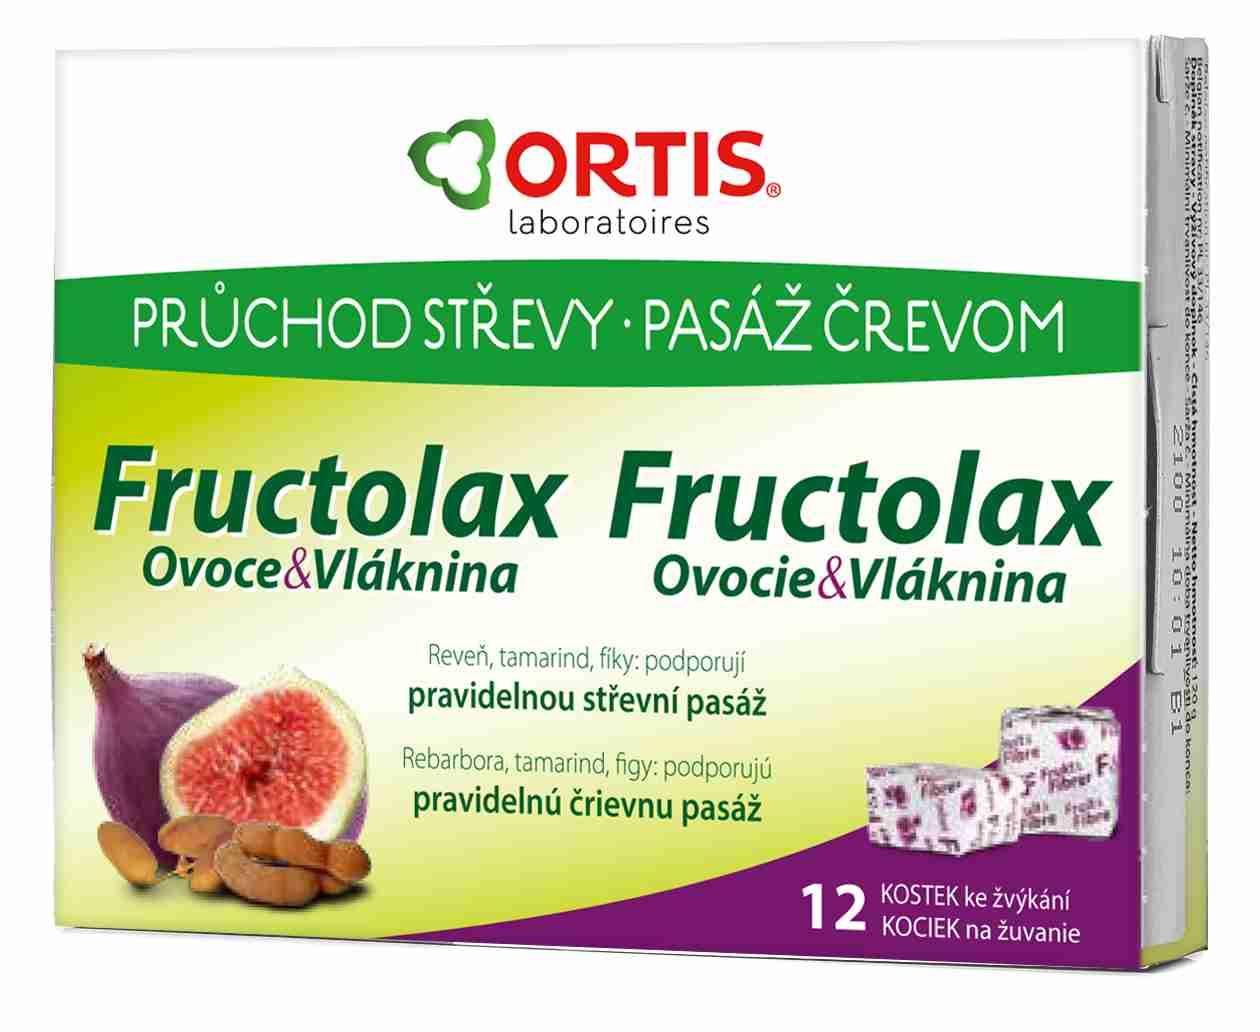 Ortis Fructolax Ovoce&Vláknina žvýkací kostky 12 kusů